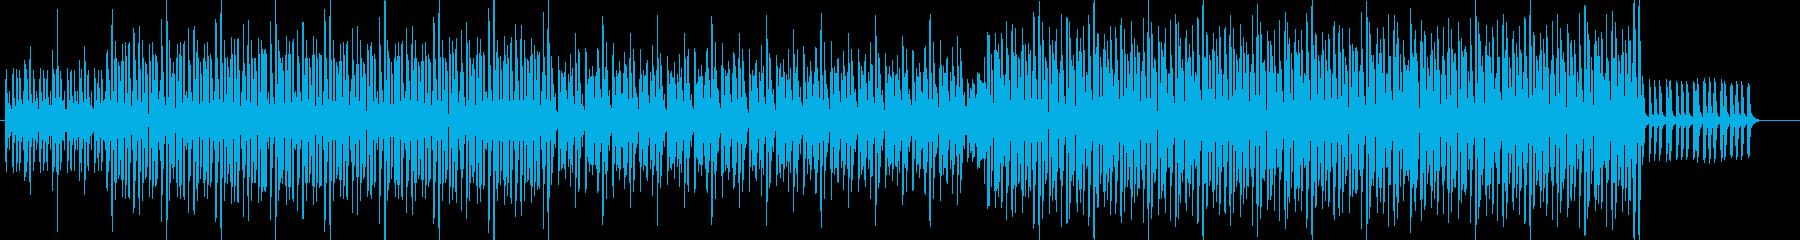 シンプルなピアノ入り90年代ハウスの再生済みの波形